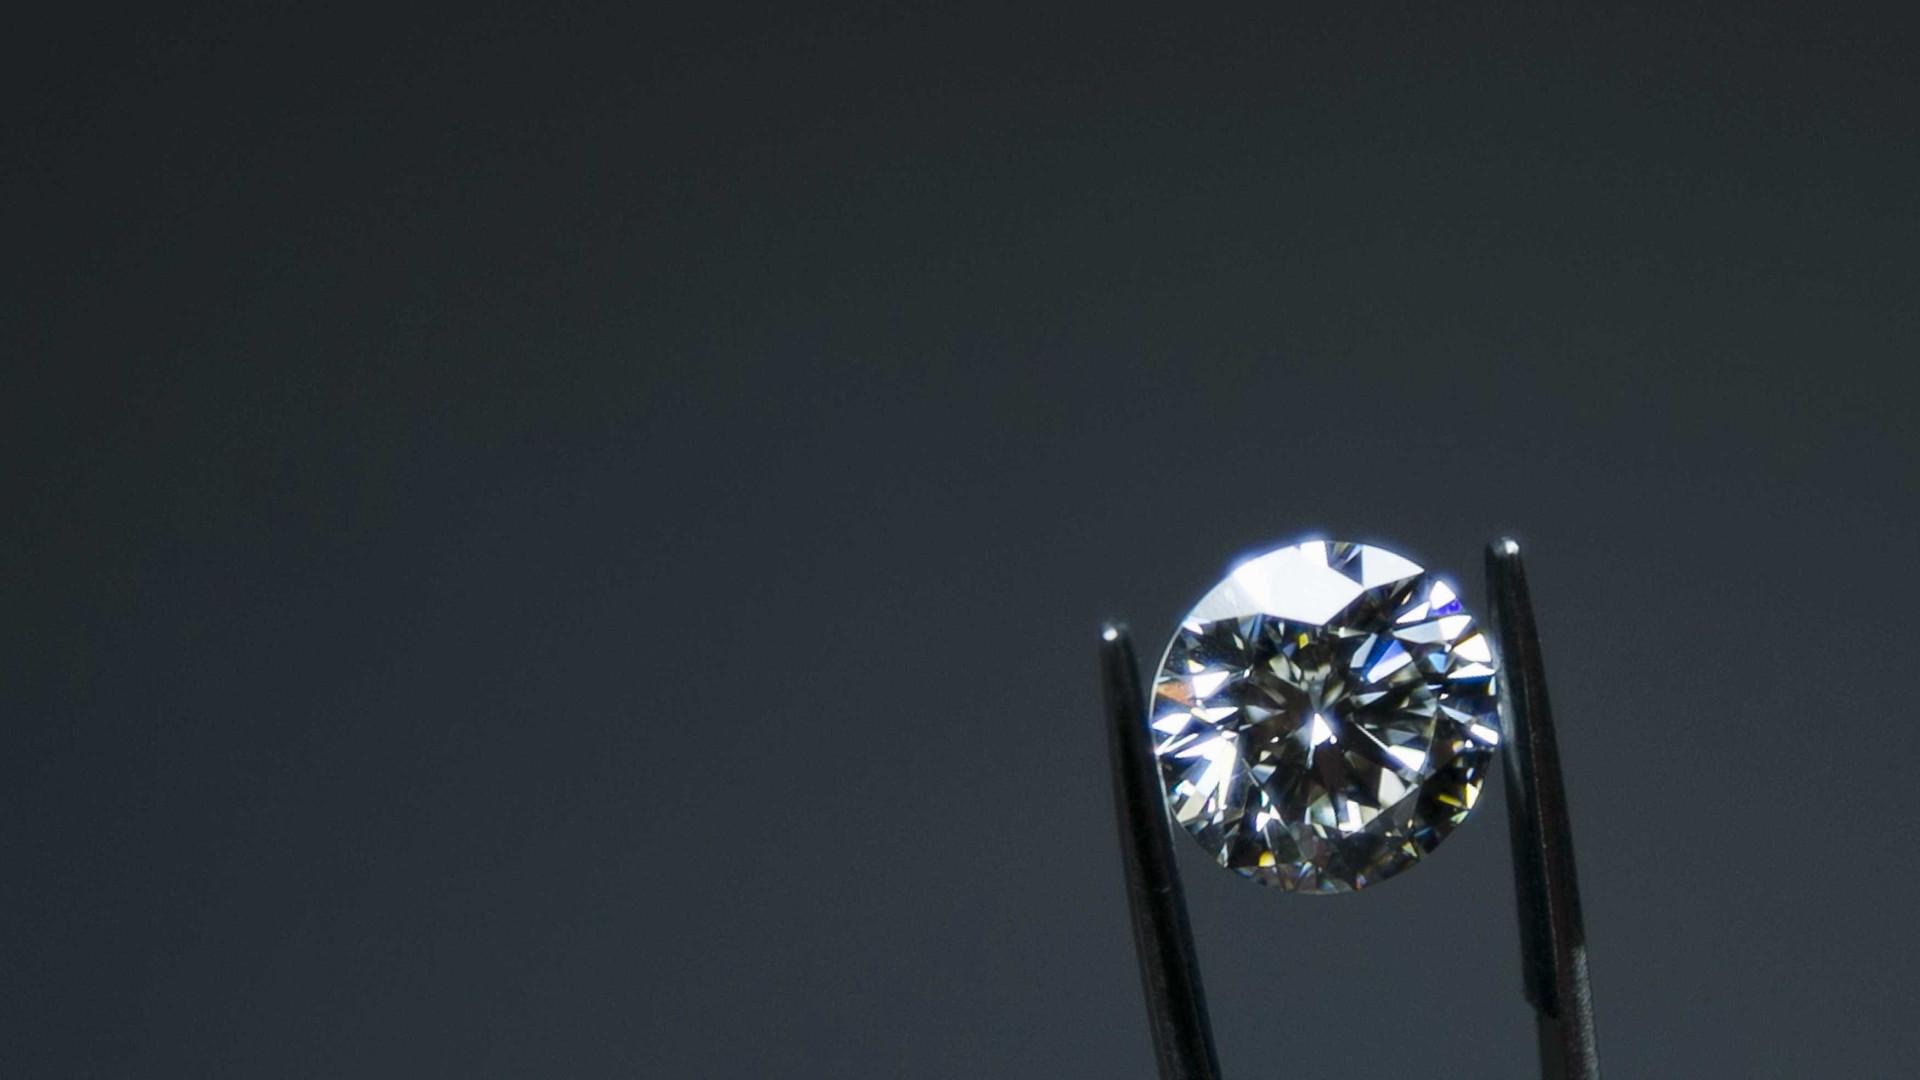 Investimento de 6 milhões para procurar diamantes em 3.000 km2